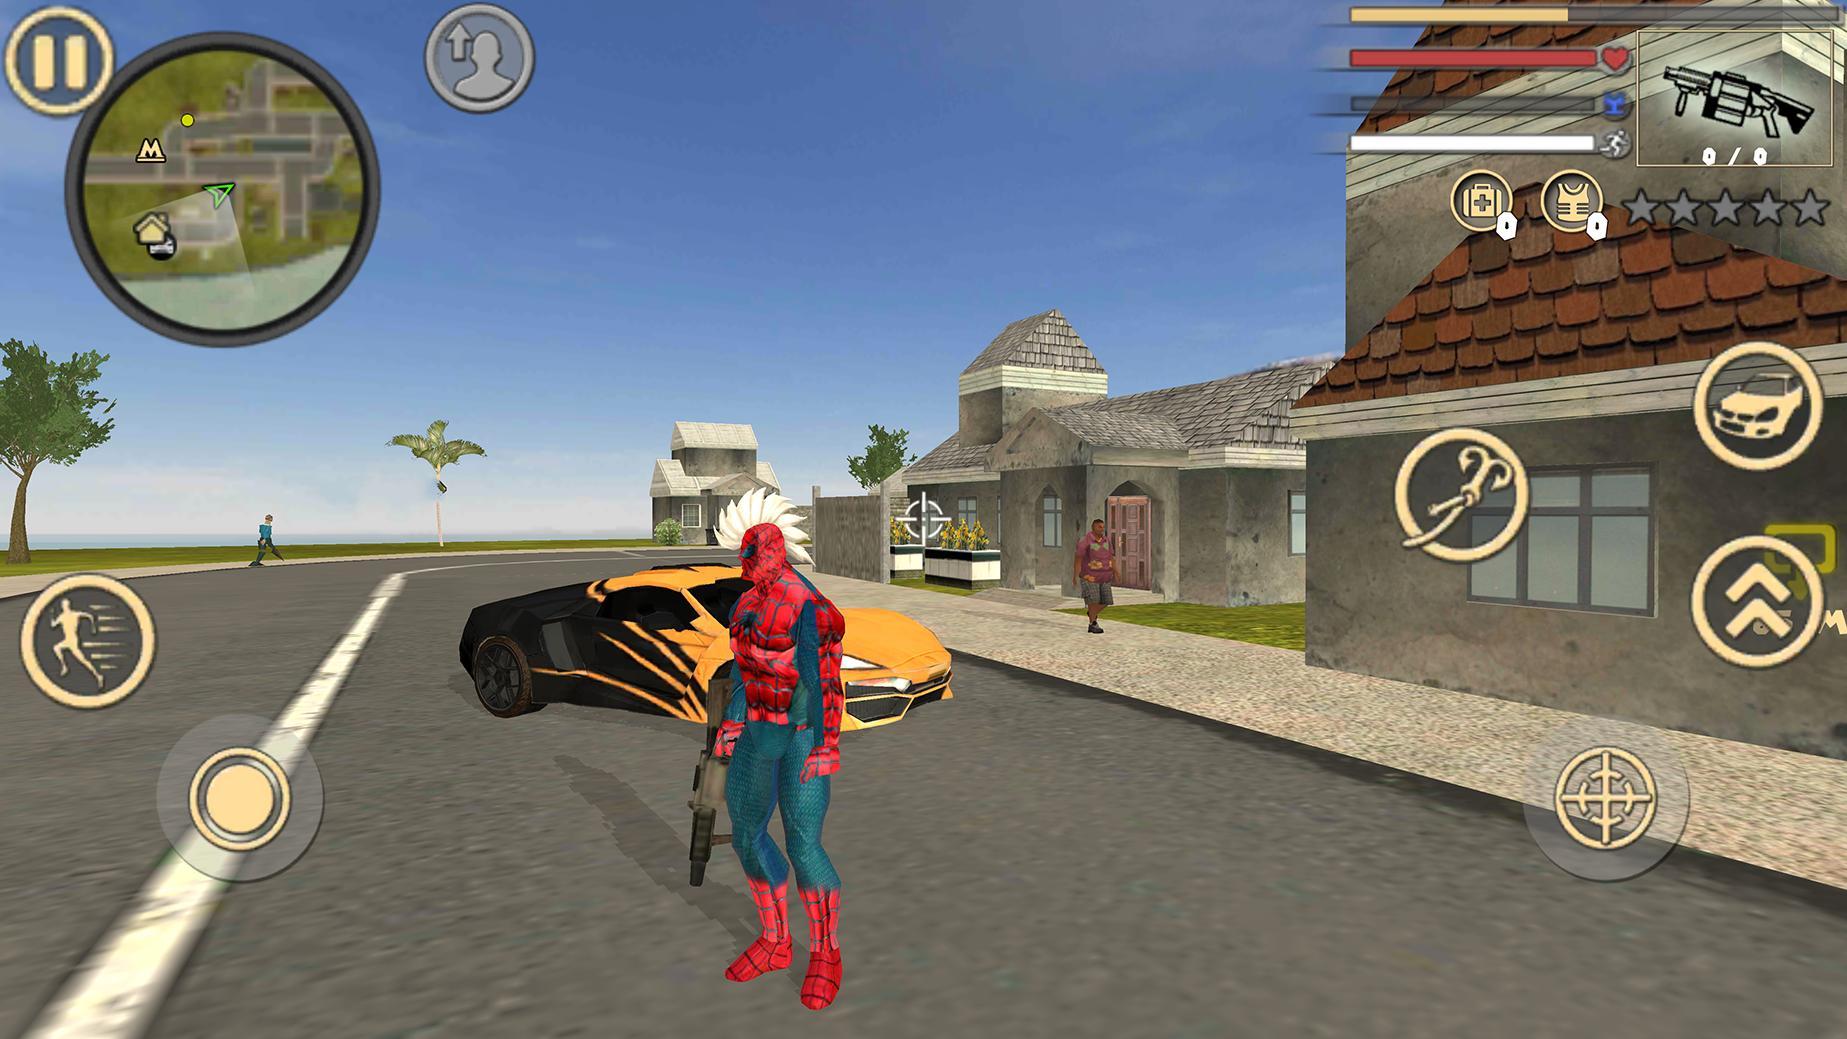 Spider Rope Hero Vice Town 1.2 Screenshot 1